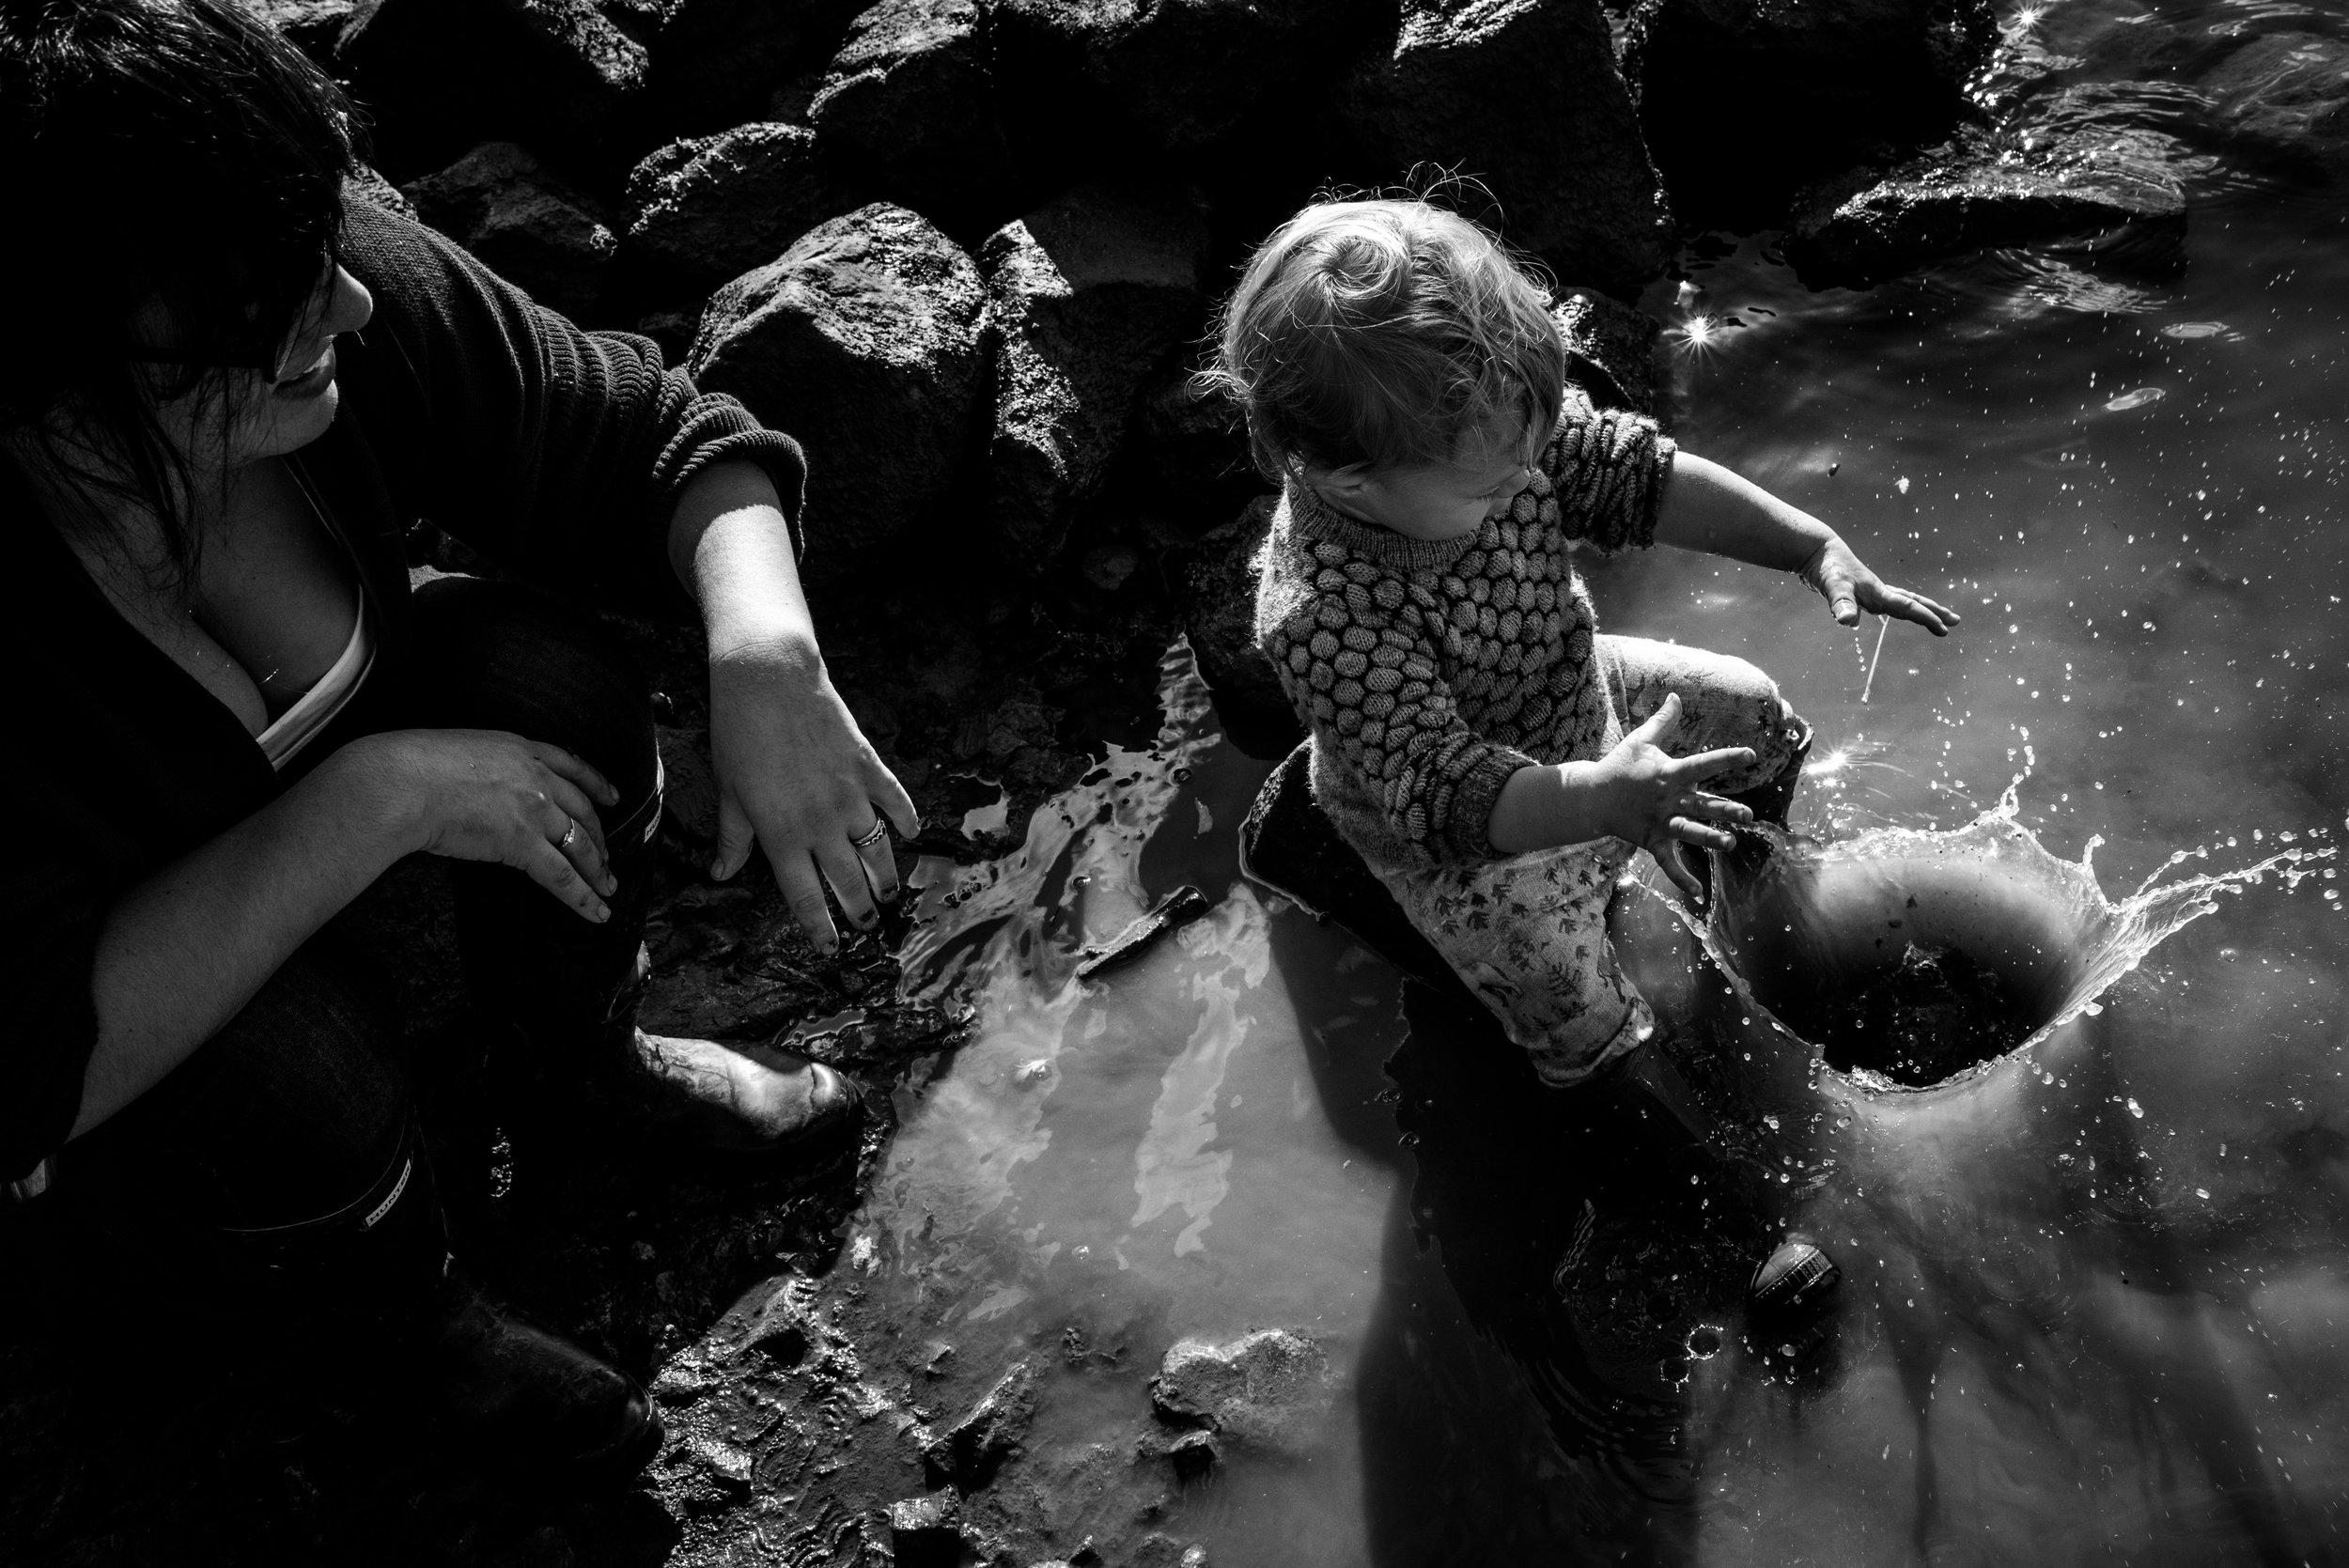 Toddler boy throwing big rocks into river water, making big splashes.